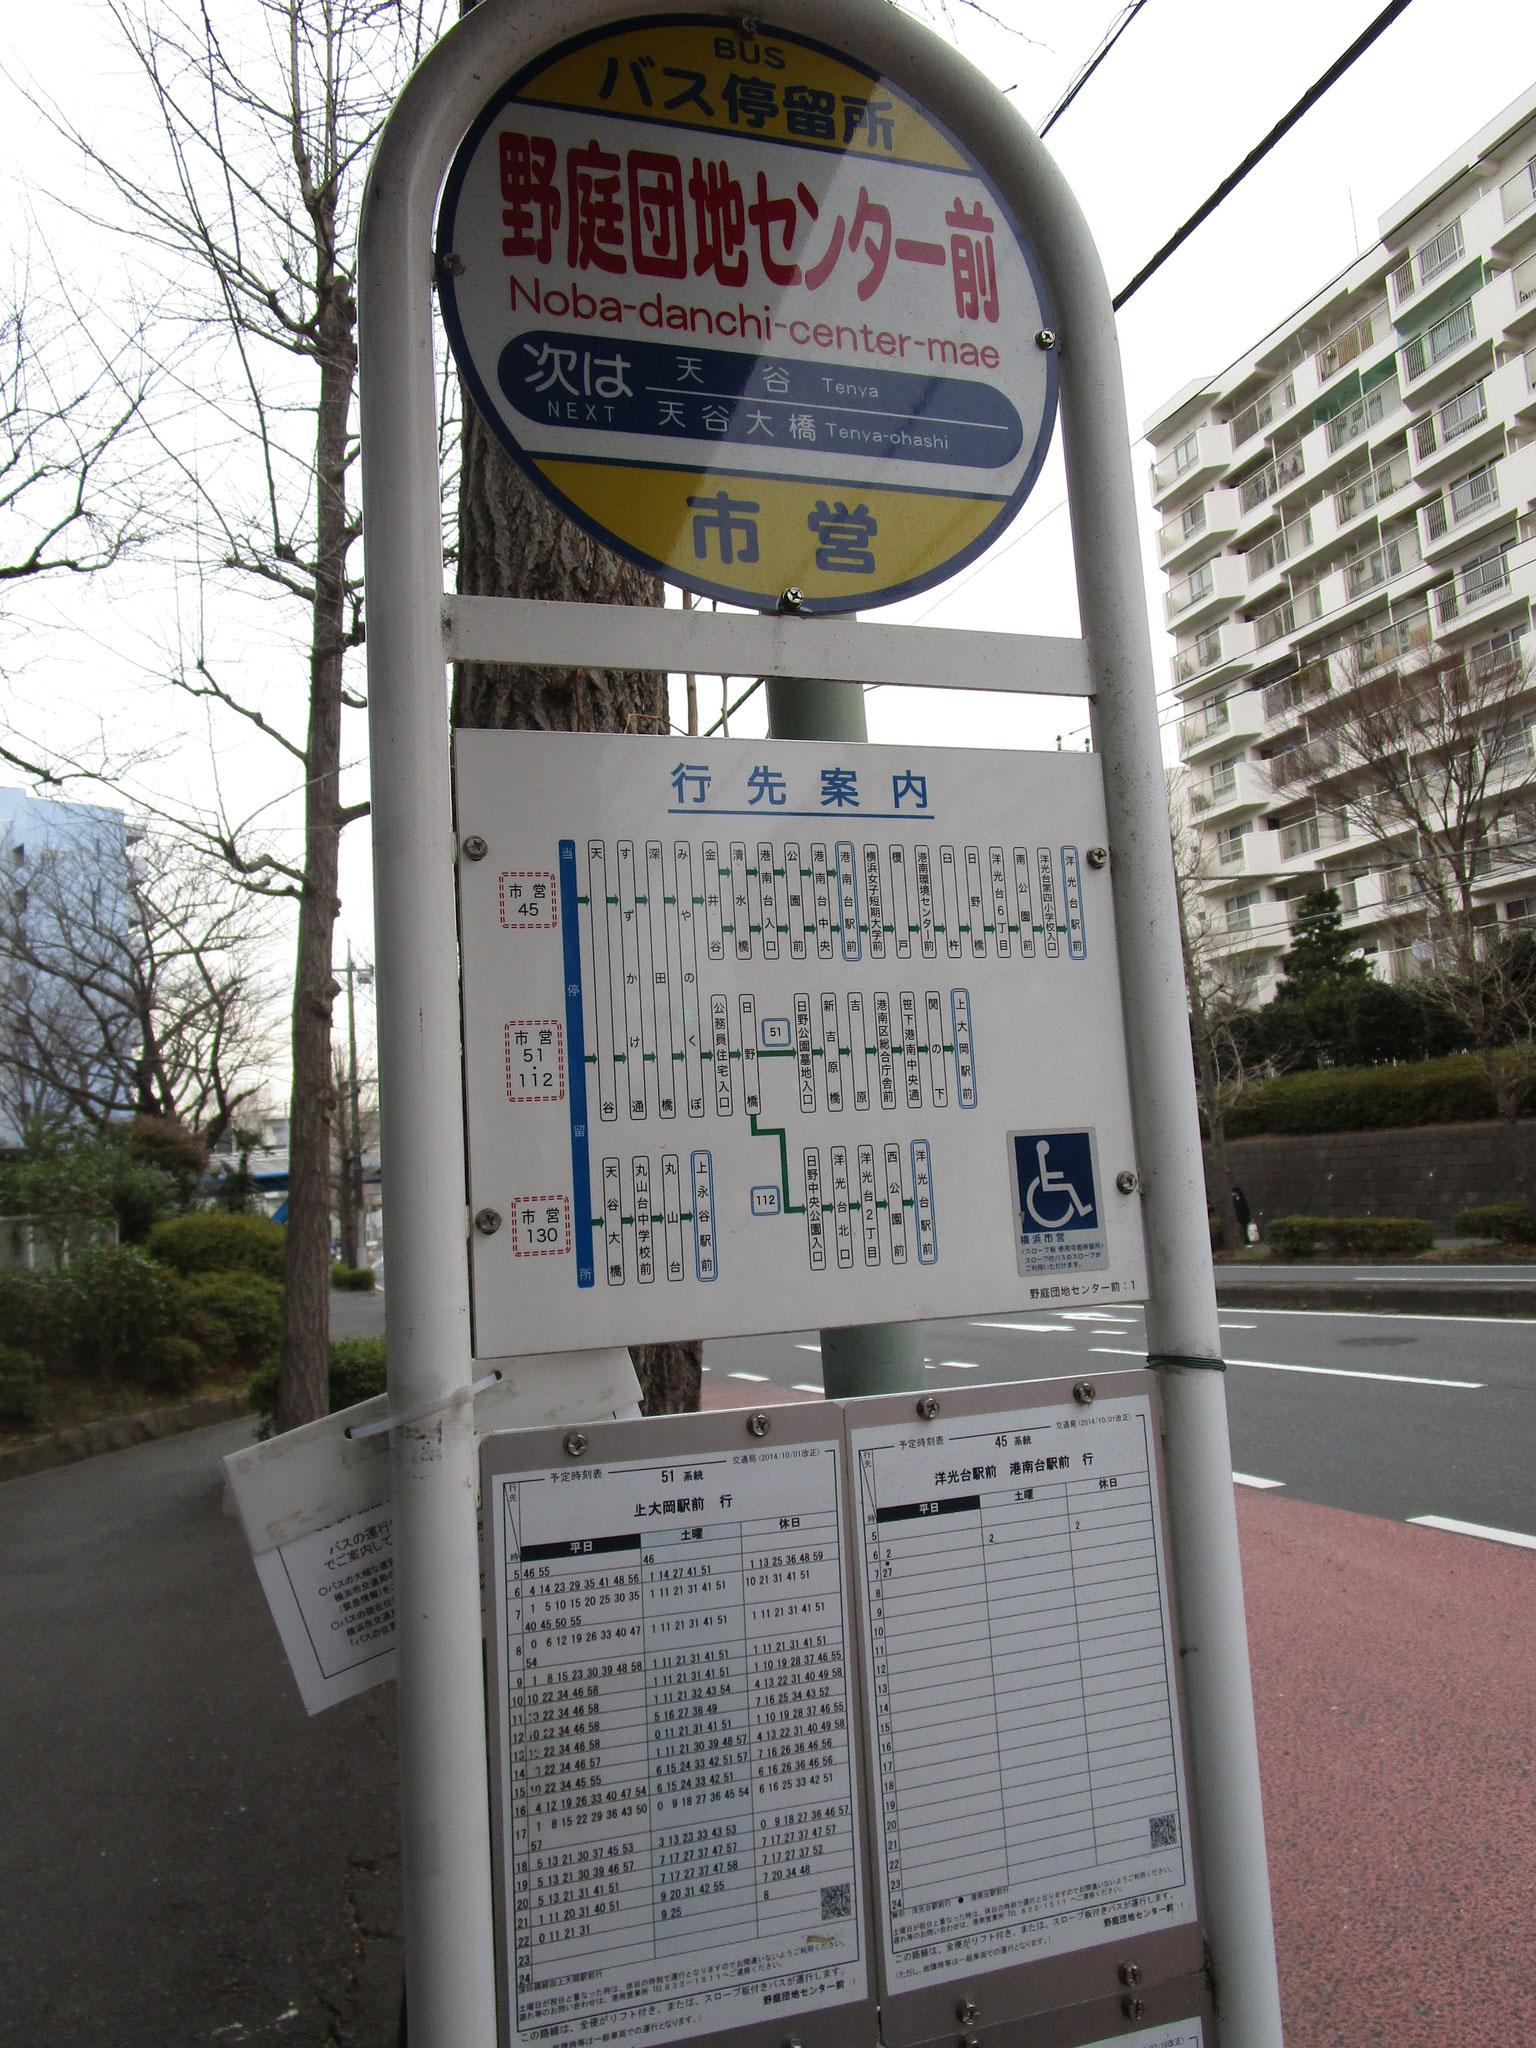 最寄りのバス停は「野庭団地センター前」